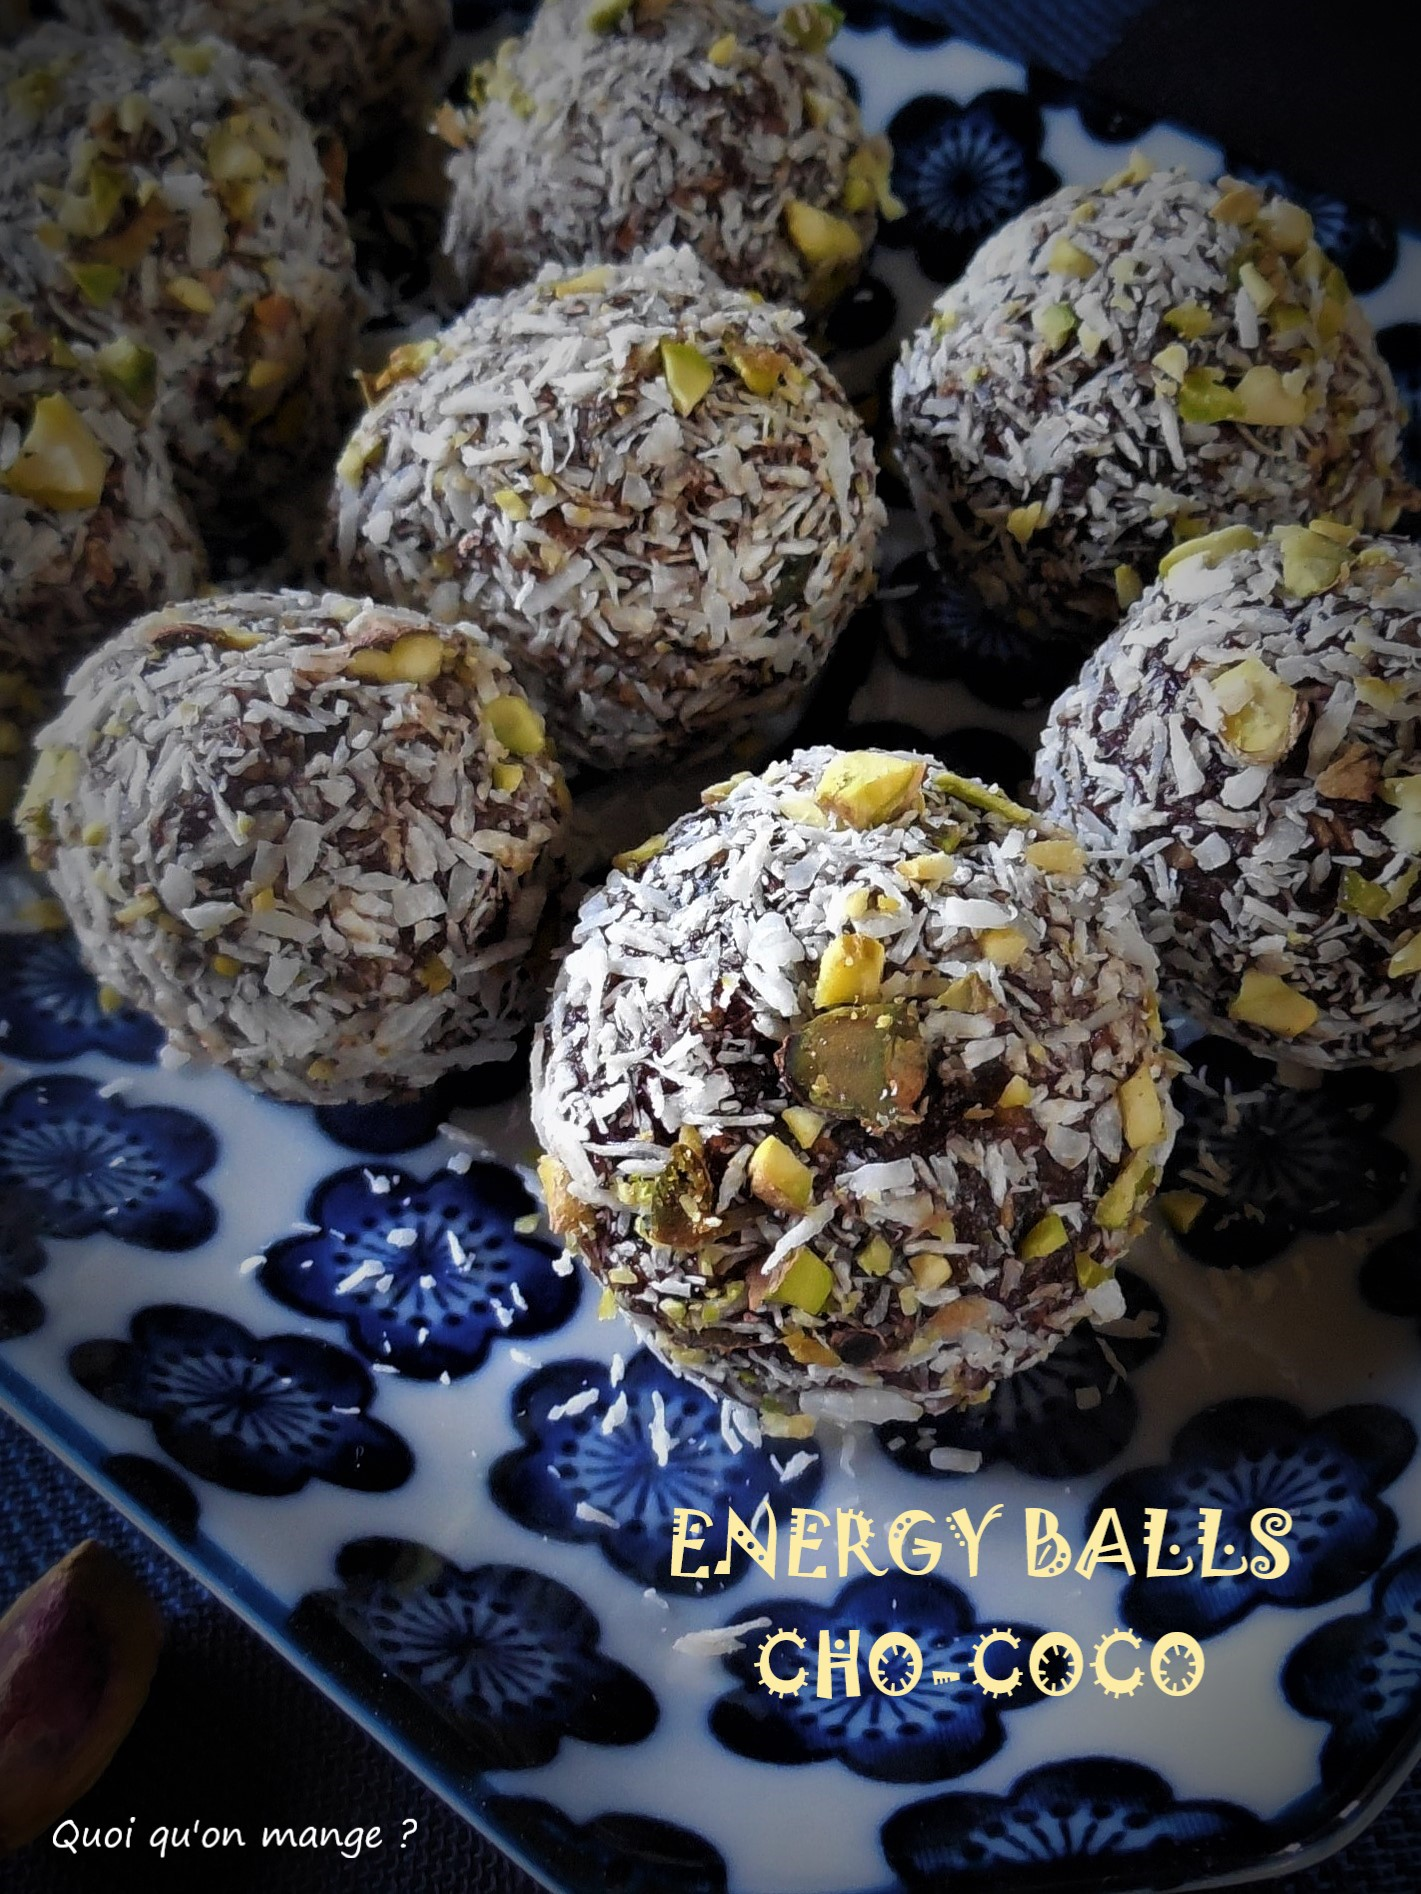 Energy balls cho-coco